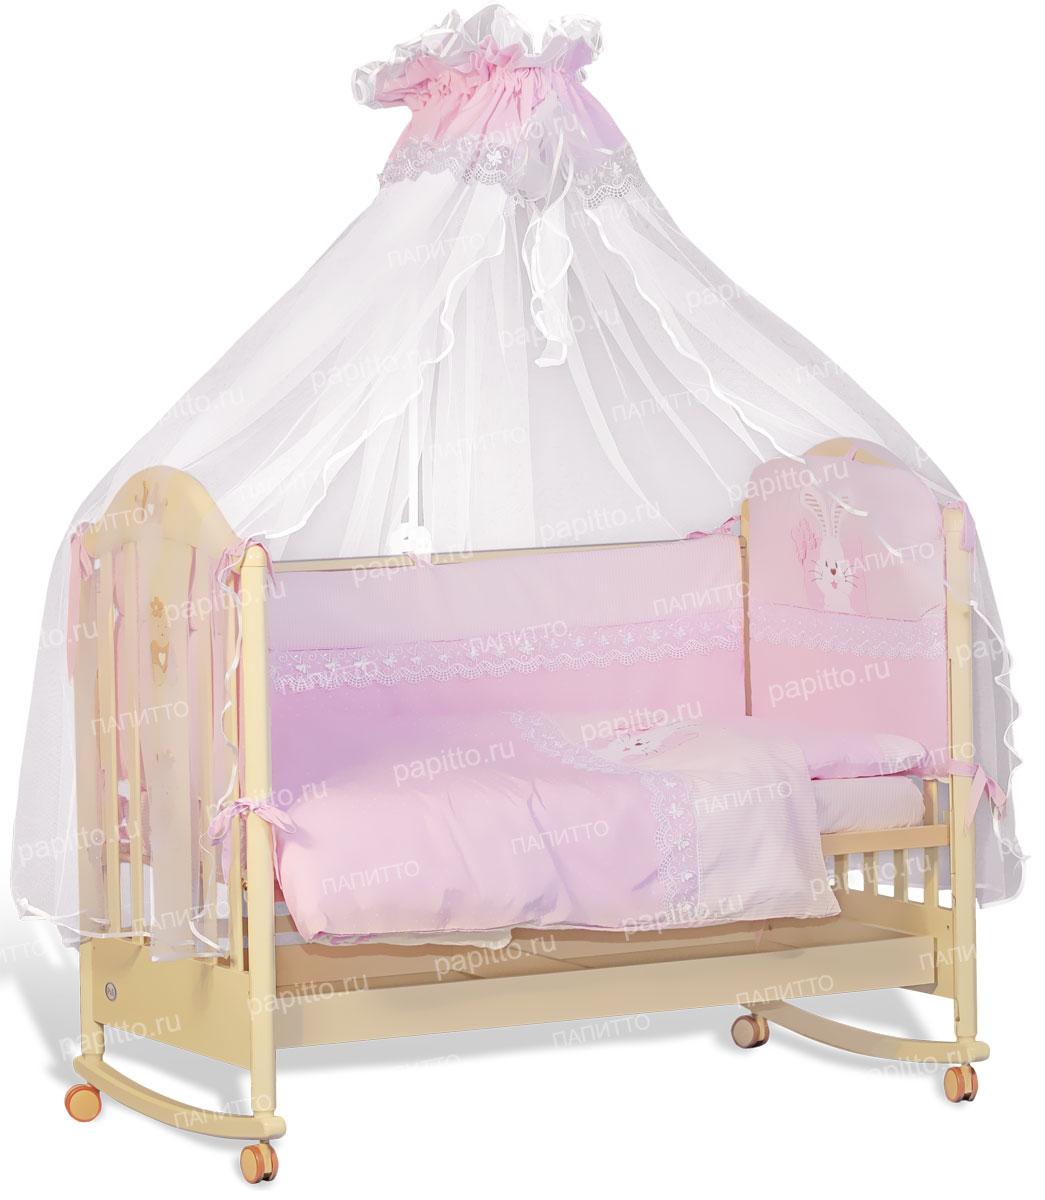 Комплект постельного белья Сладкий сон Розовый 7 предметов 7028 комплект постельного белья детский bonne fee опдр 110х140 3 розовый